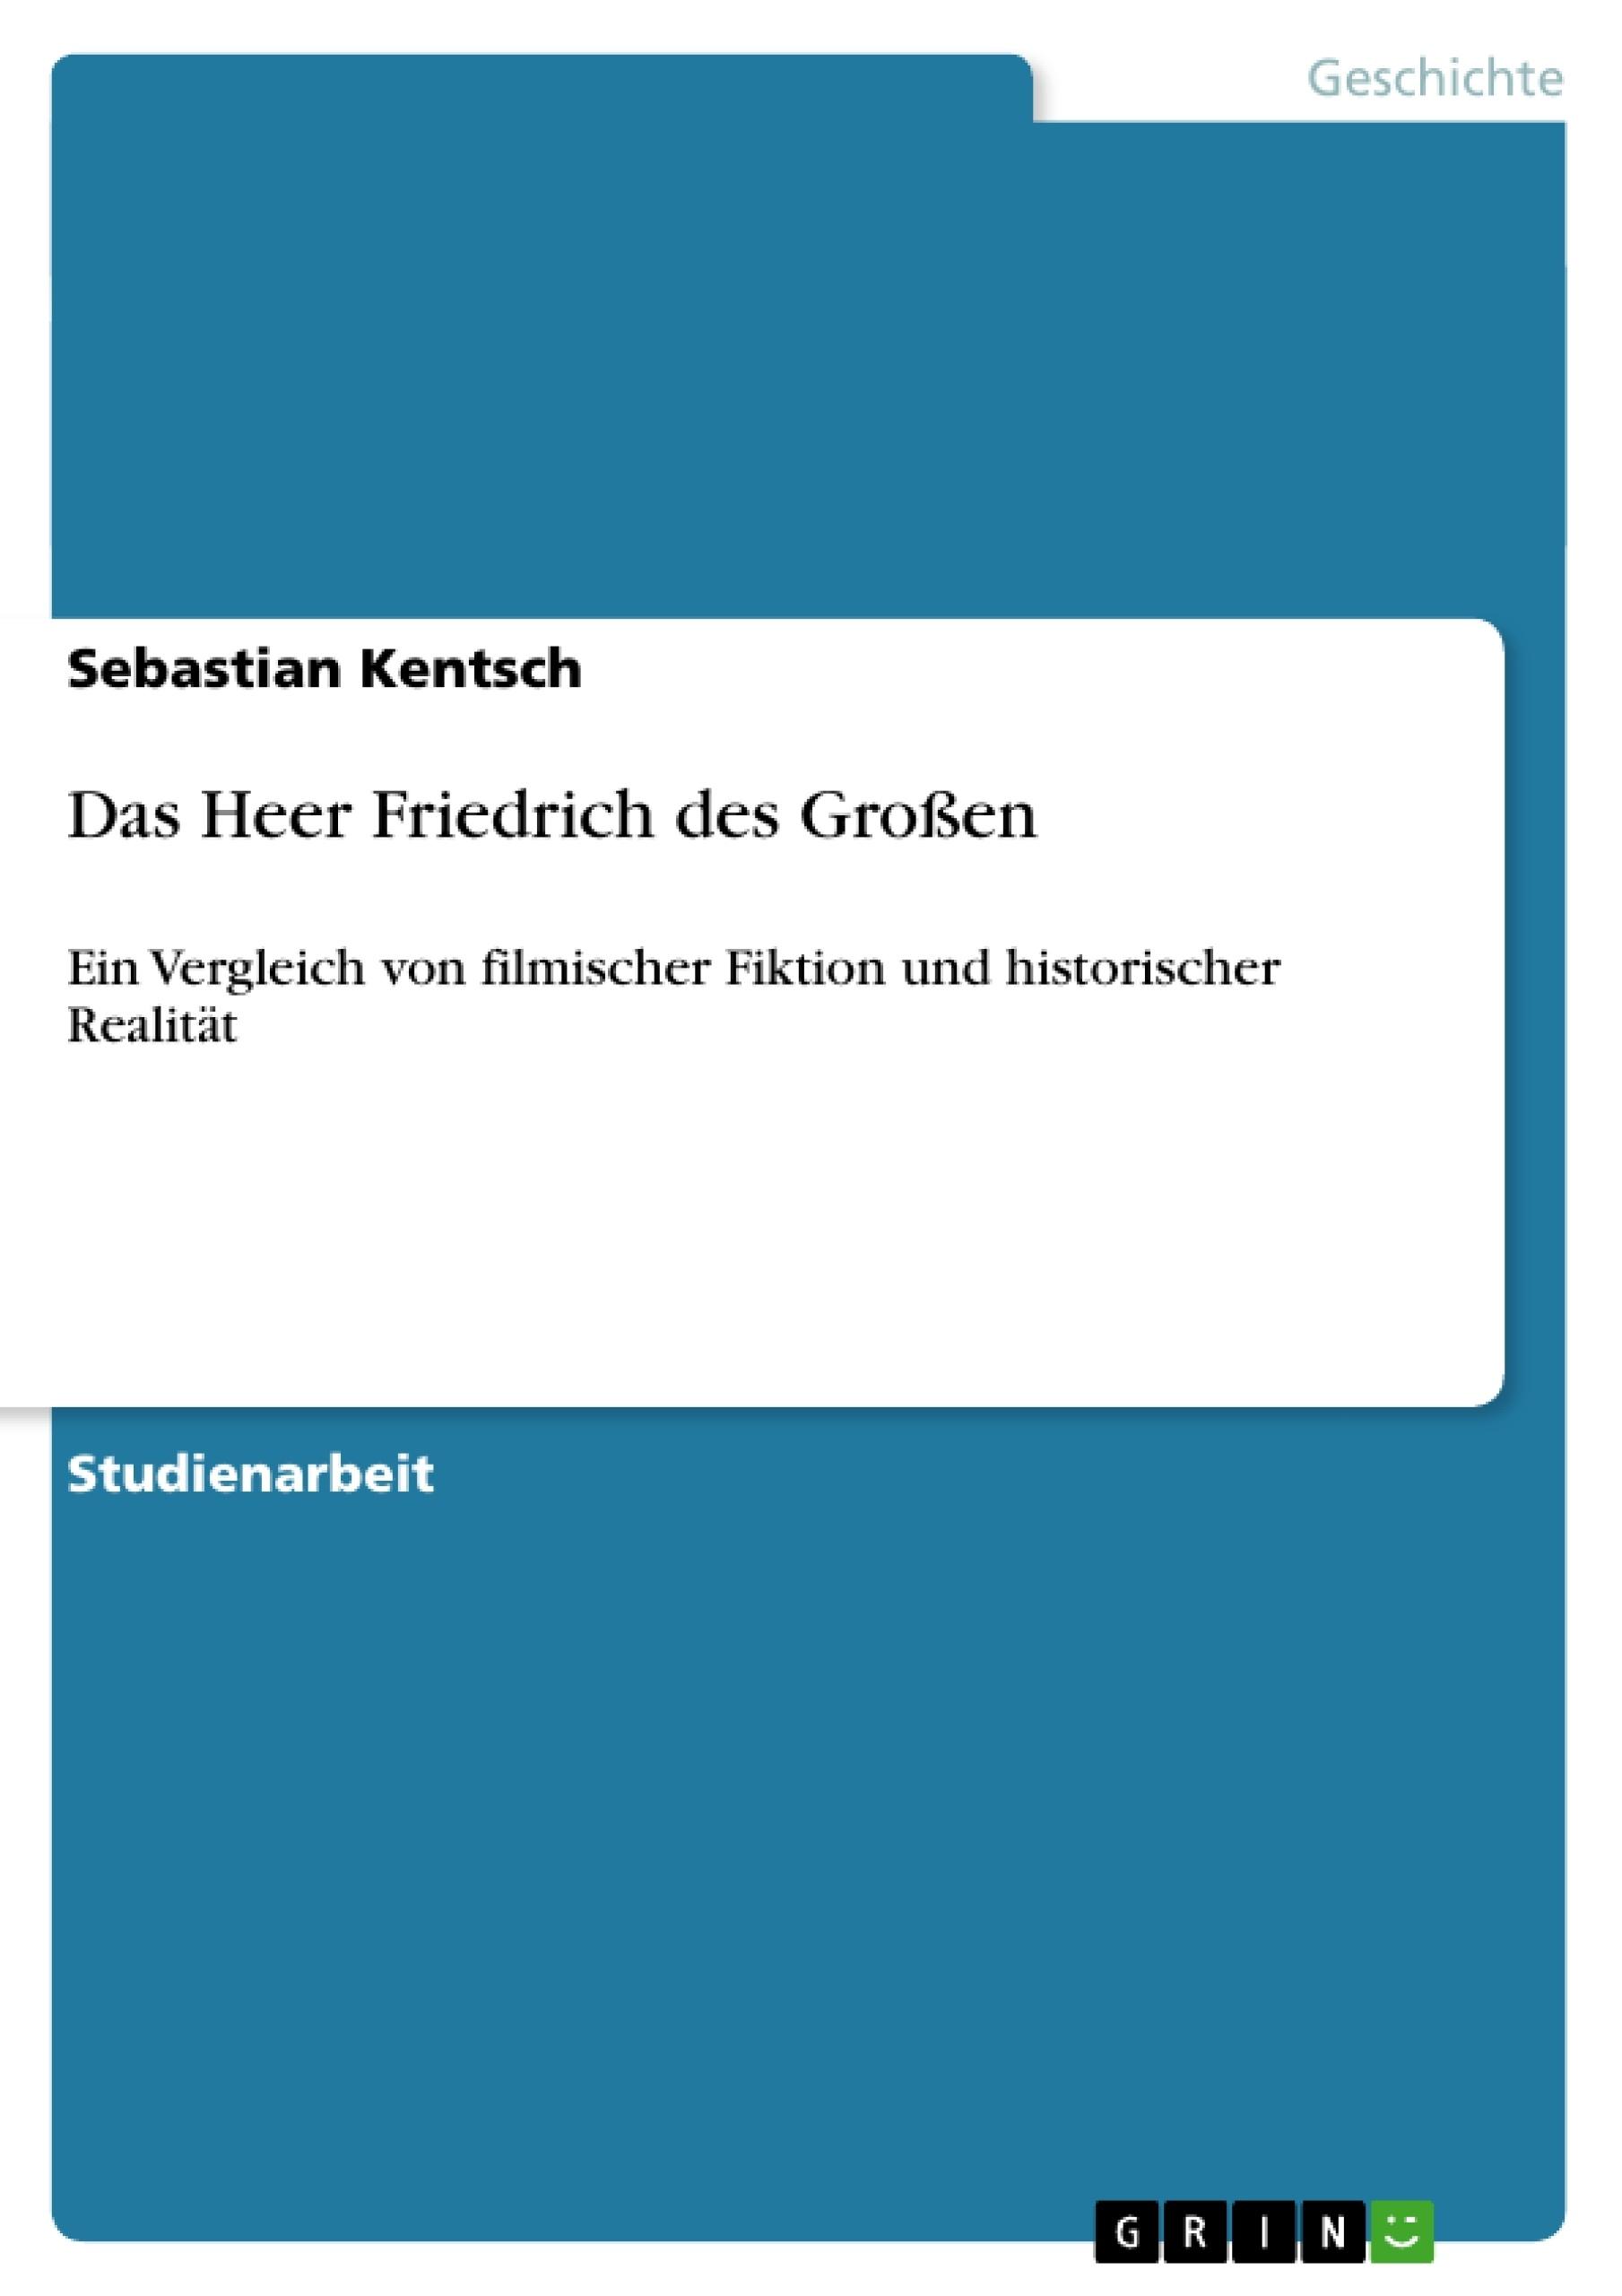 Titel: Das Heer Friedrich des Großen